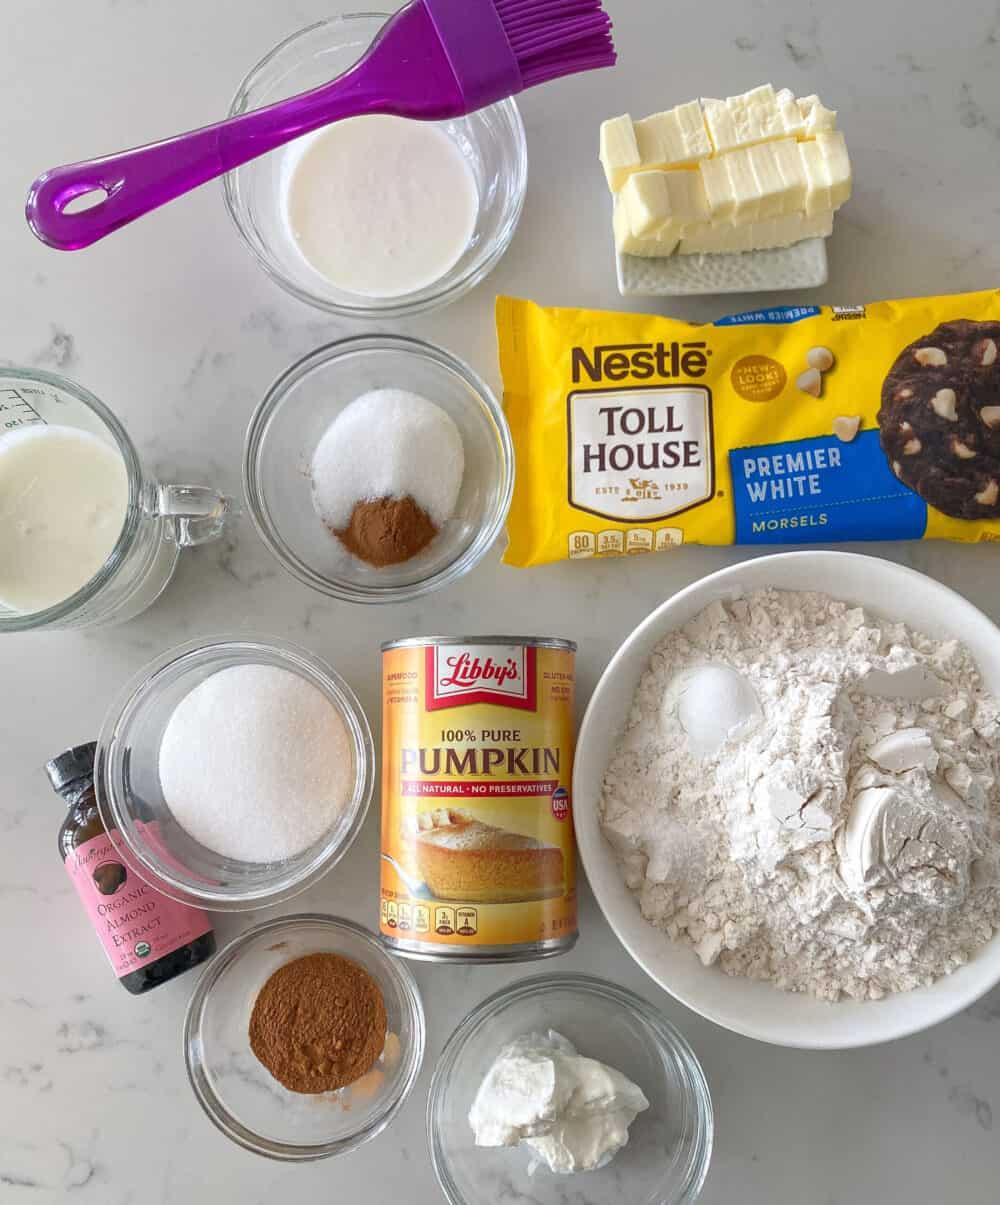 pumpkin scones ingredients